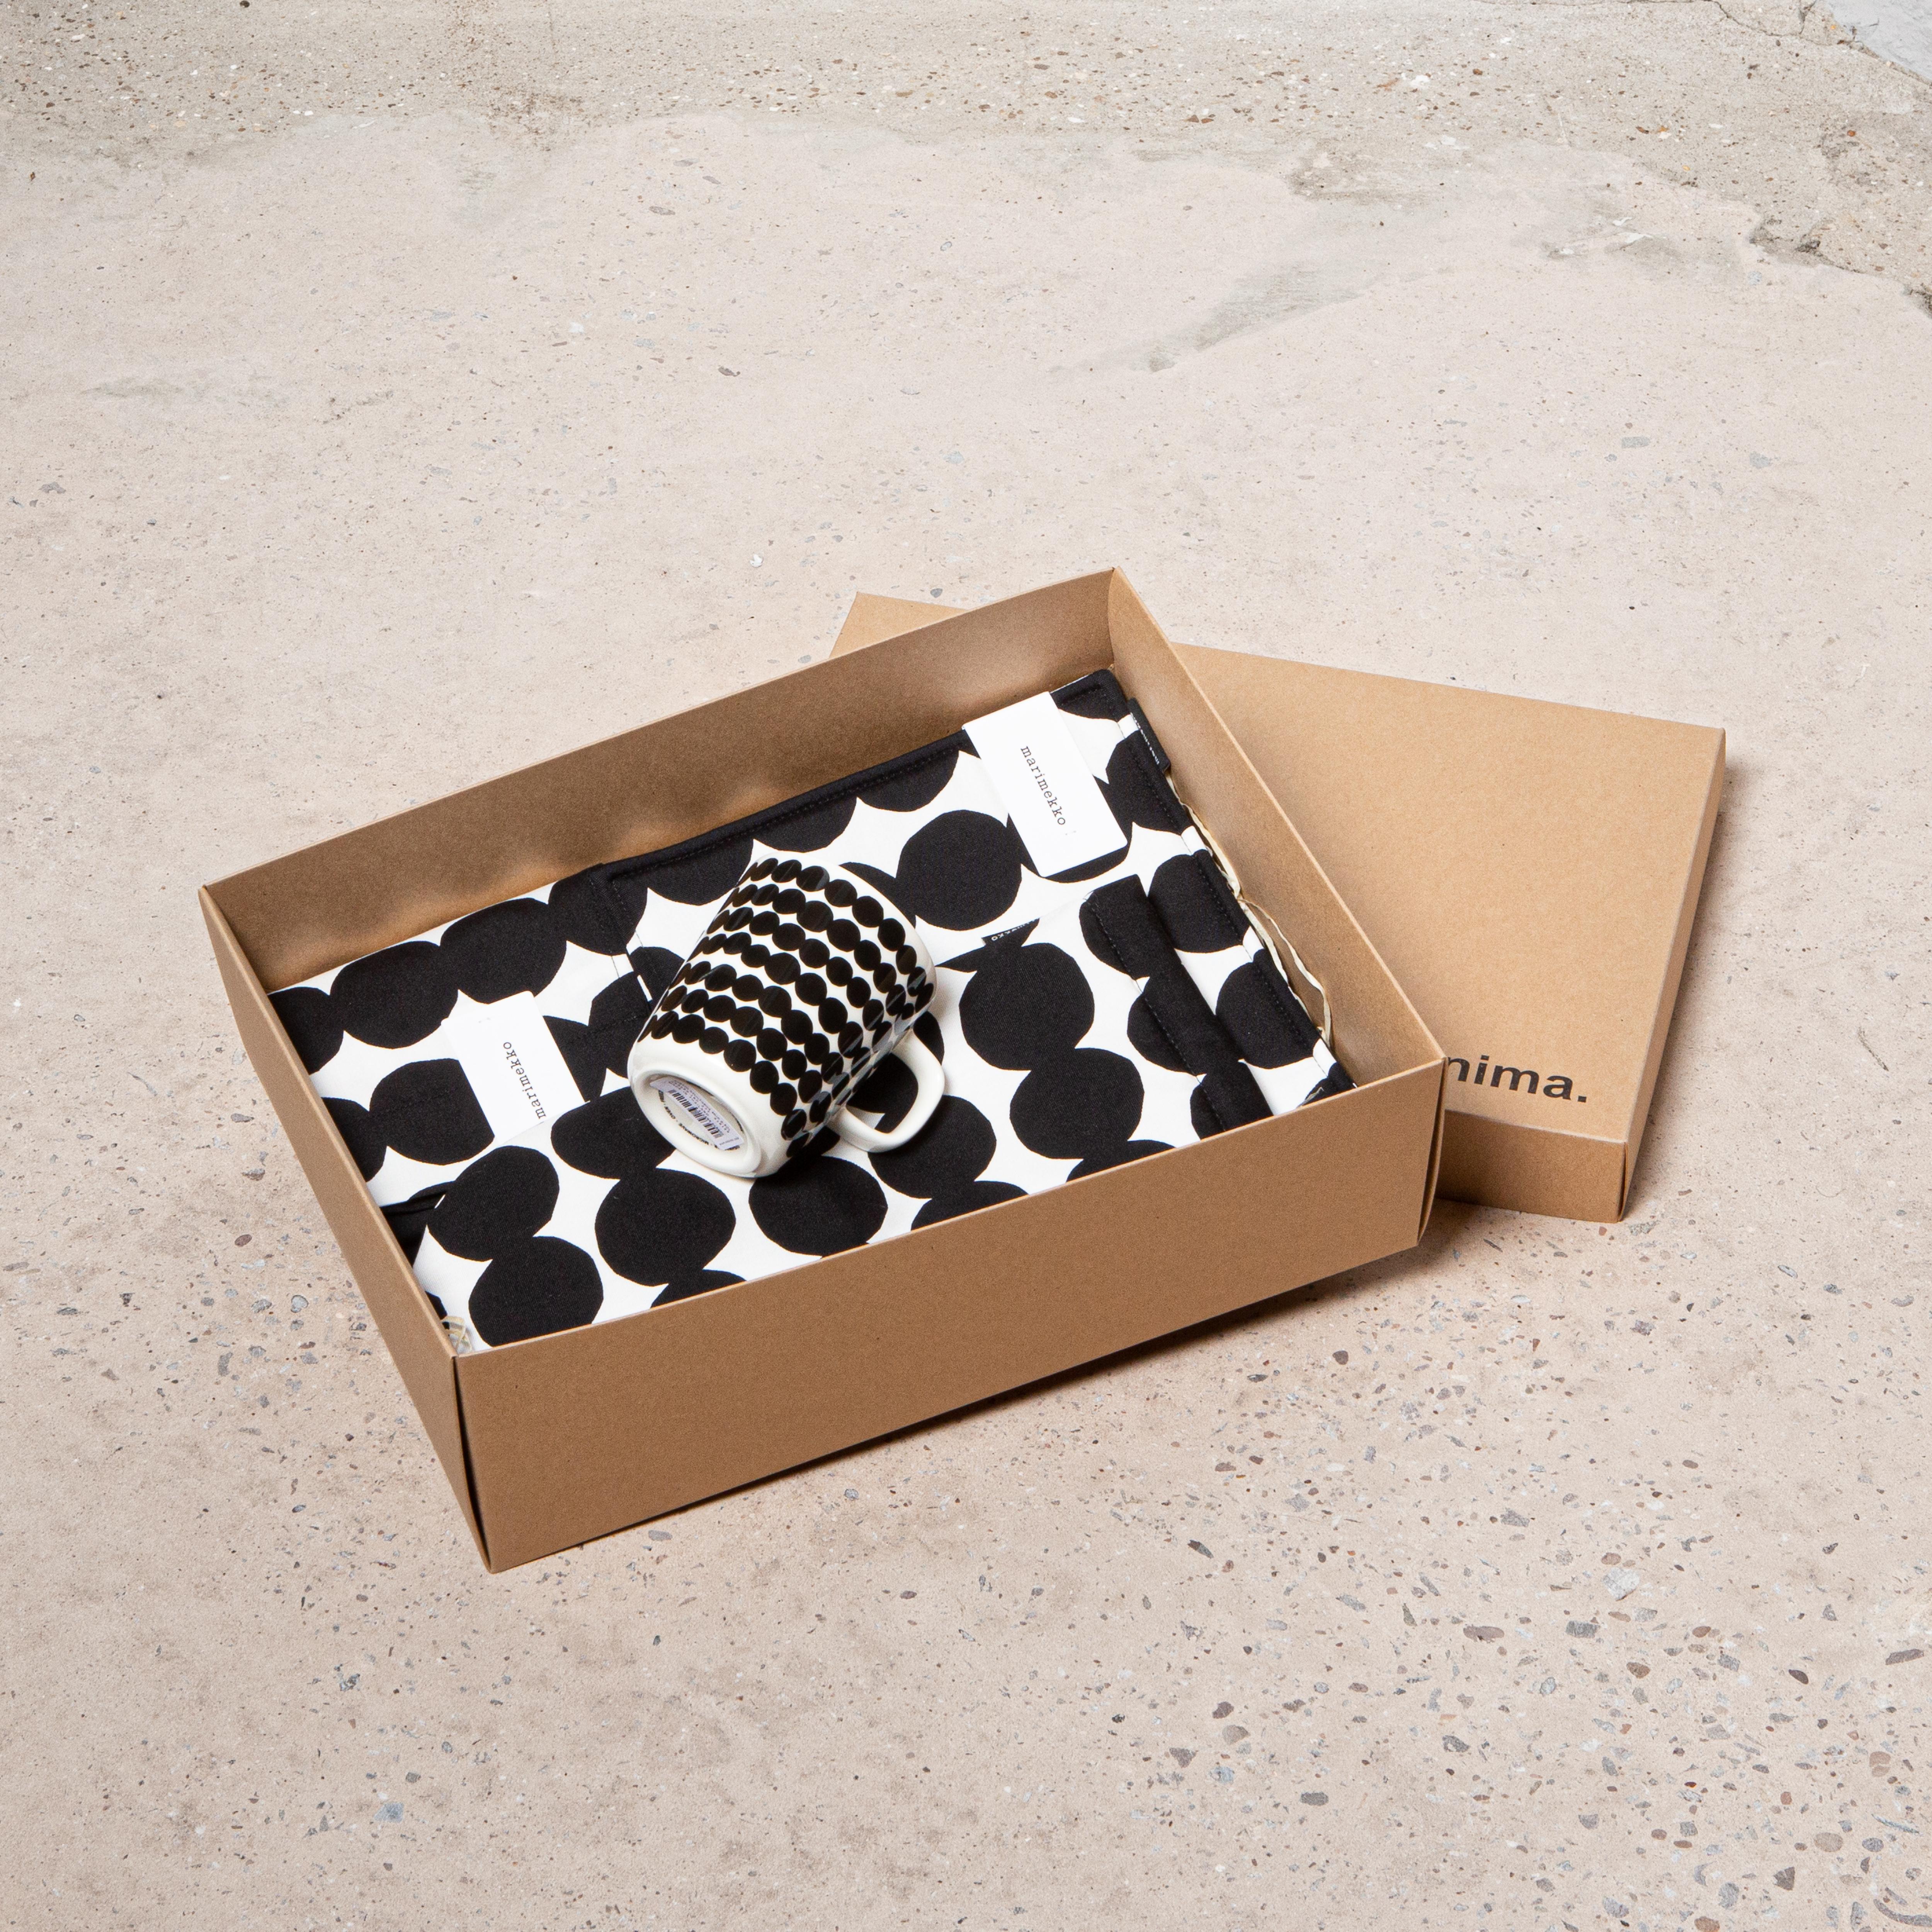 Minima Hamper 75 Chef Box contemporary designer homeware